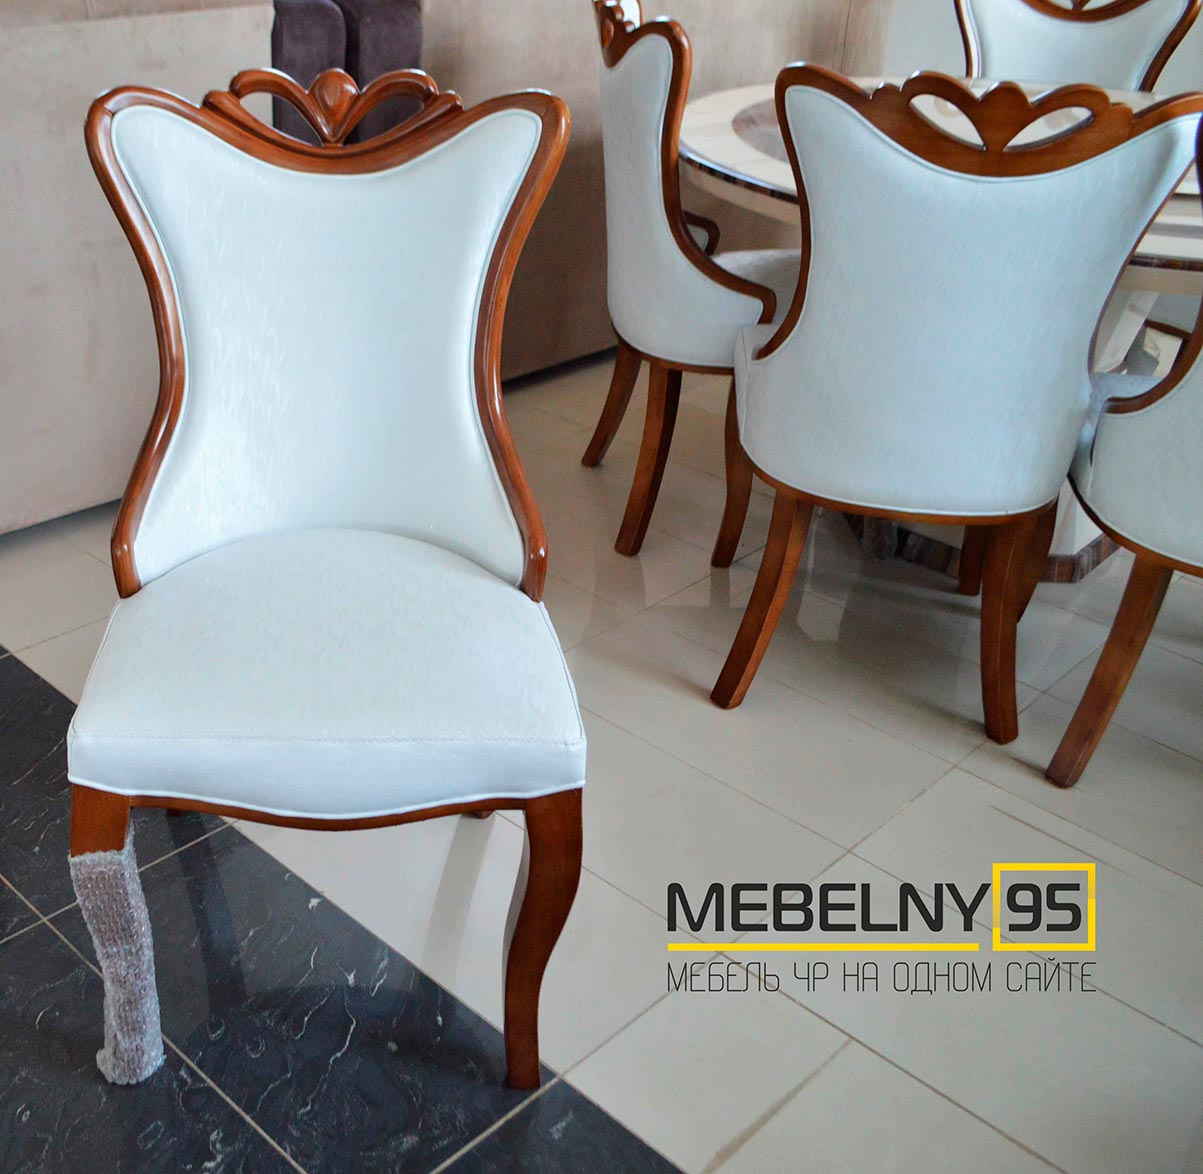 Столы - изображение №3 на mebelny95.ru